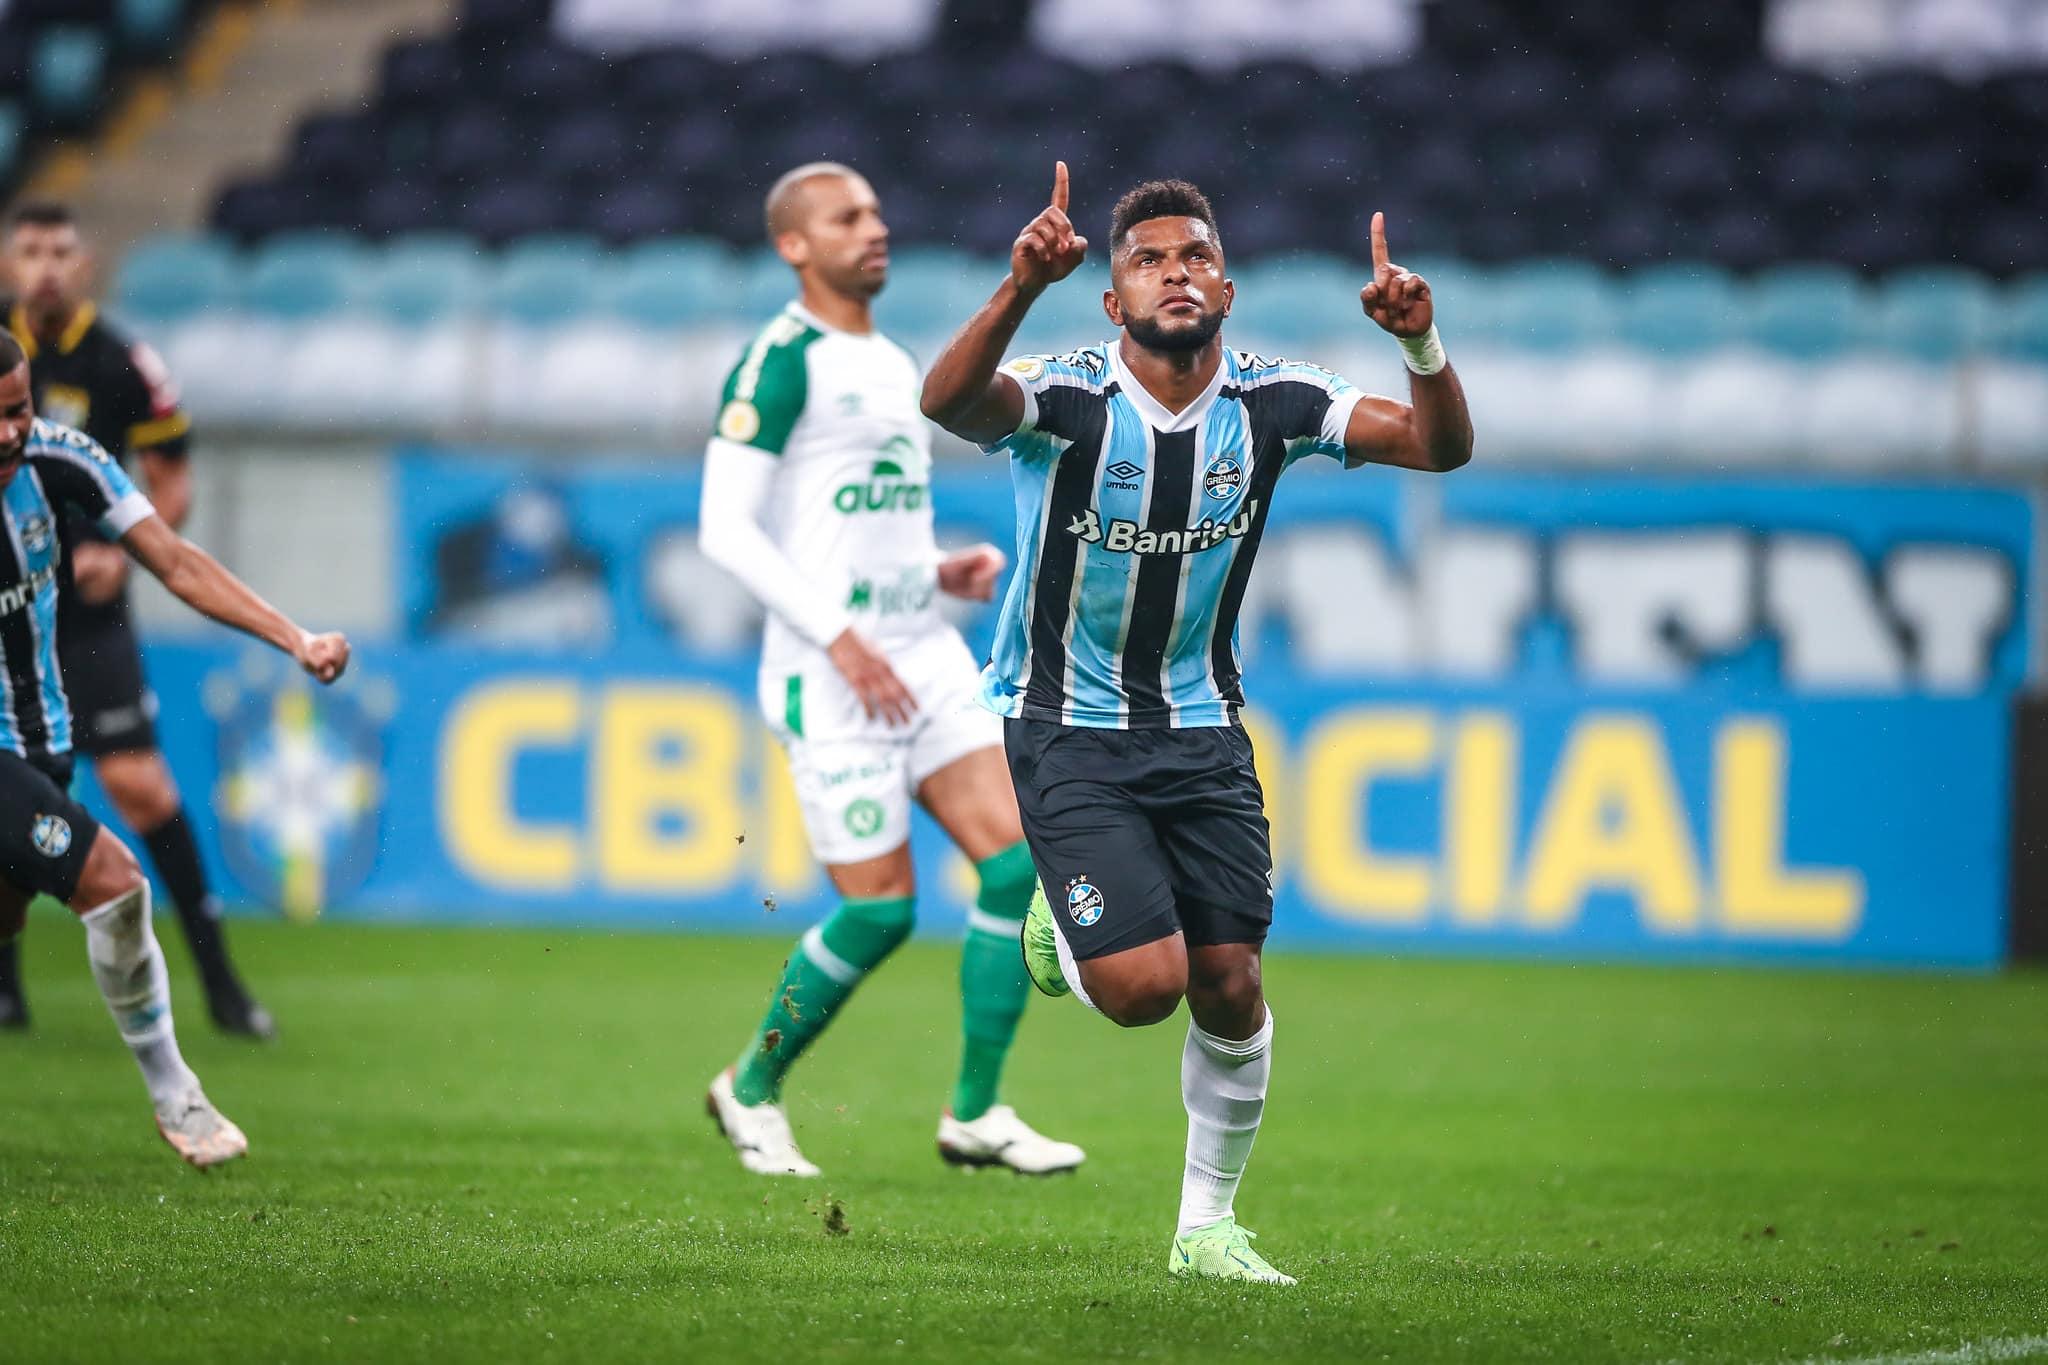 Chape segue sem vencer no Brasileirão 2021, mas perdeu 11 partidas. Chapecoense conquistou o acesso como campeã da Segundona 2021